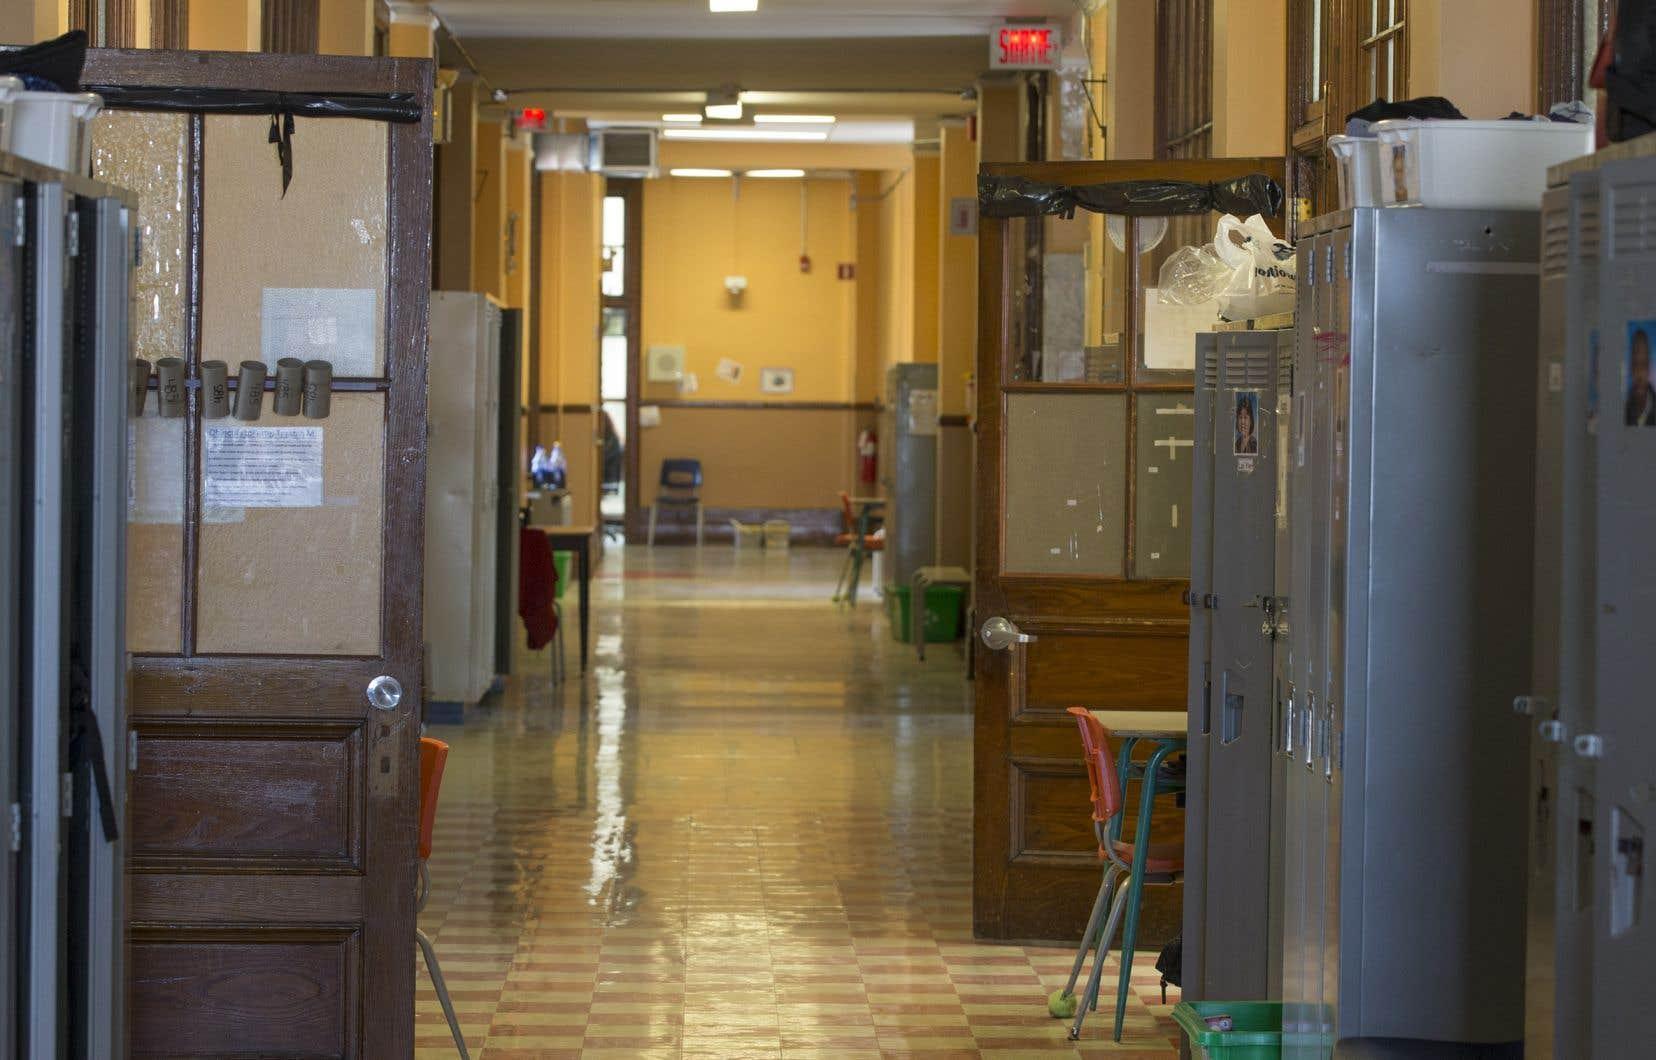 «Dans certaines écoles de Montréal, il faut voir l'état vétuste des bâtiments où de petits locaux sans fenêtres servent de classe», mentionne l'autrice.